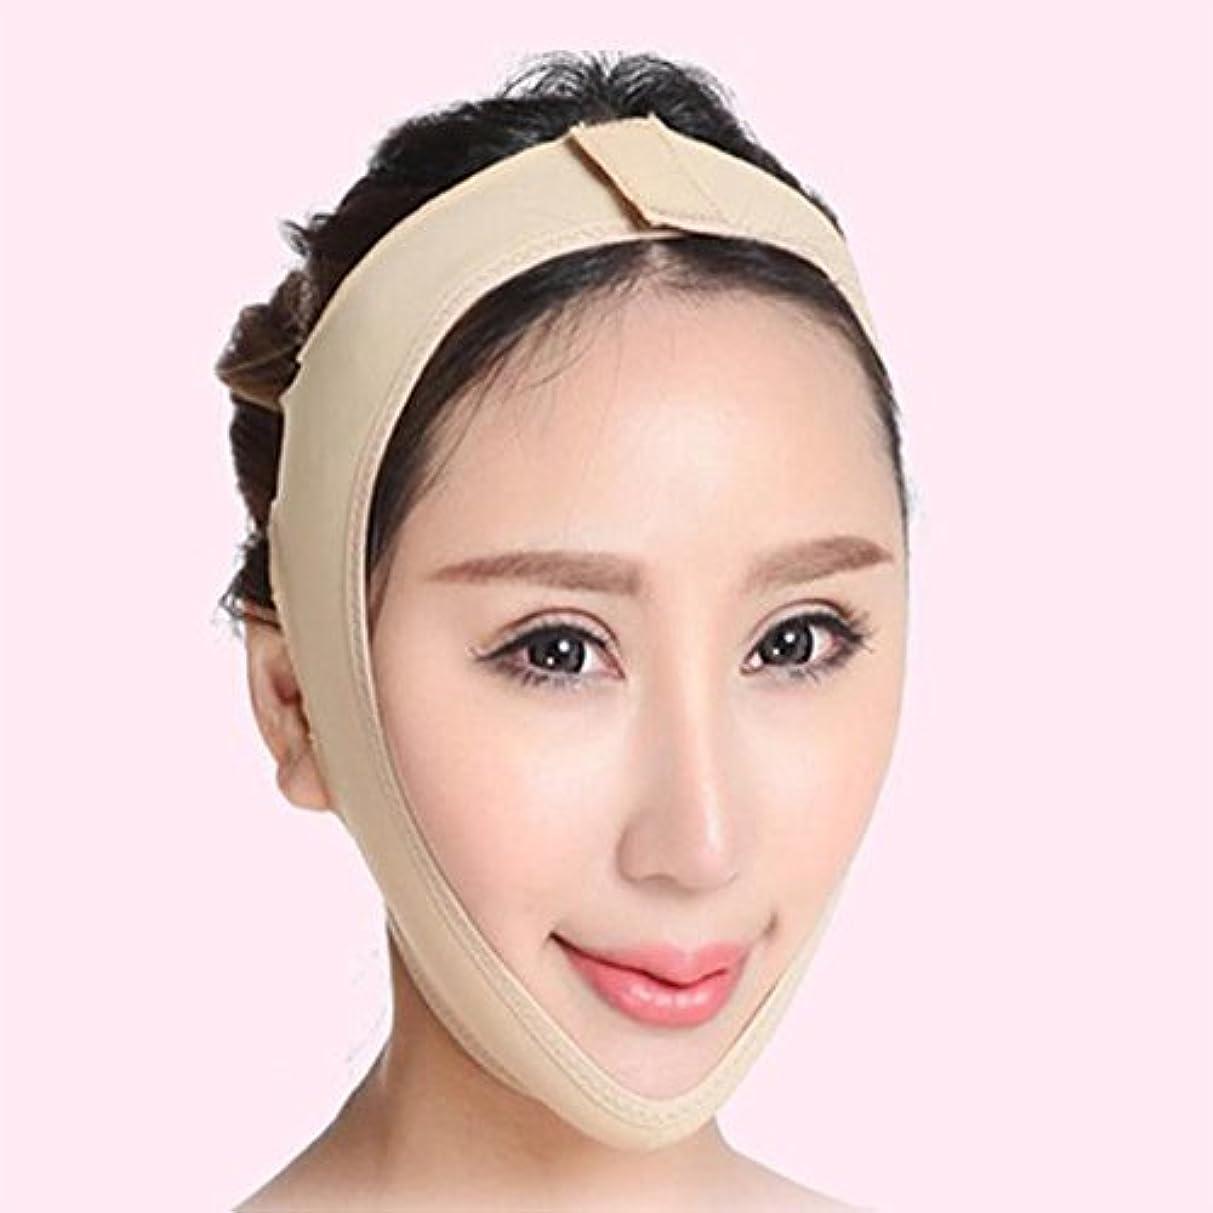 SD 小顔 小顔マスク リフトアップ マスク フェイスライン 矯正 あご シャープ メンズ レディース Lサイズ AZD15003-L